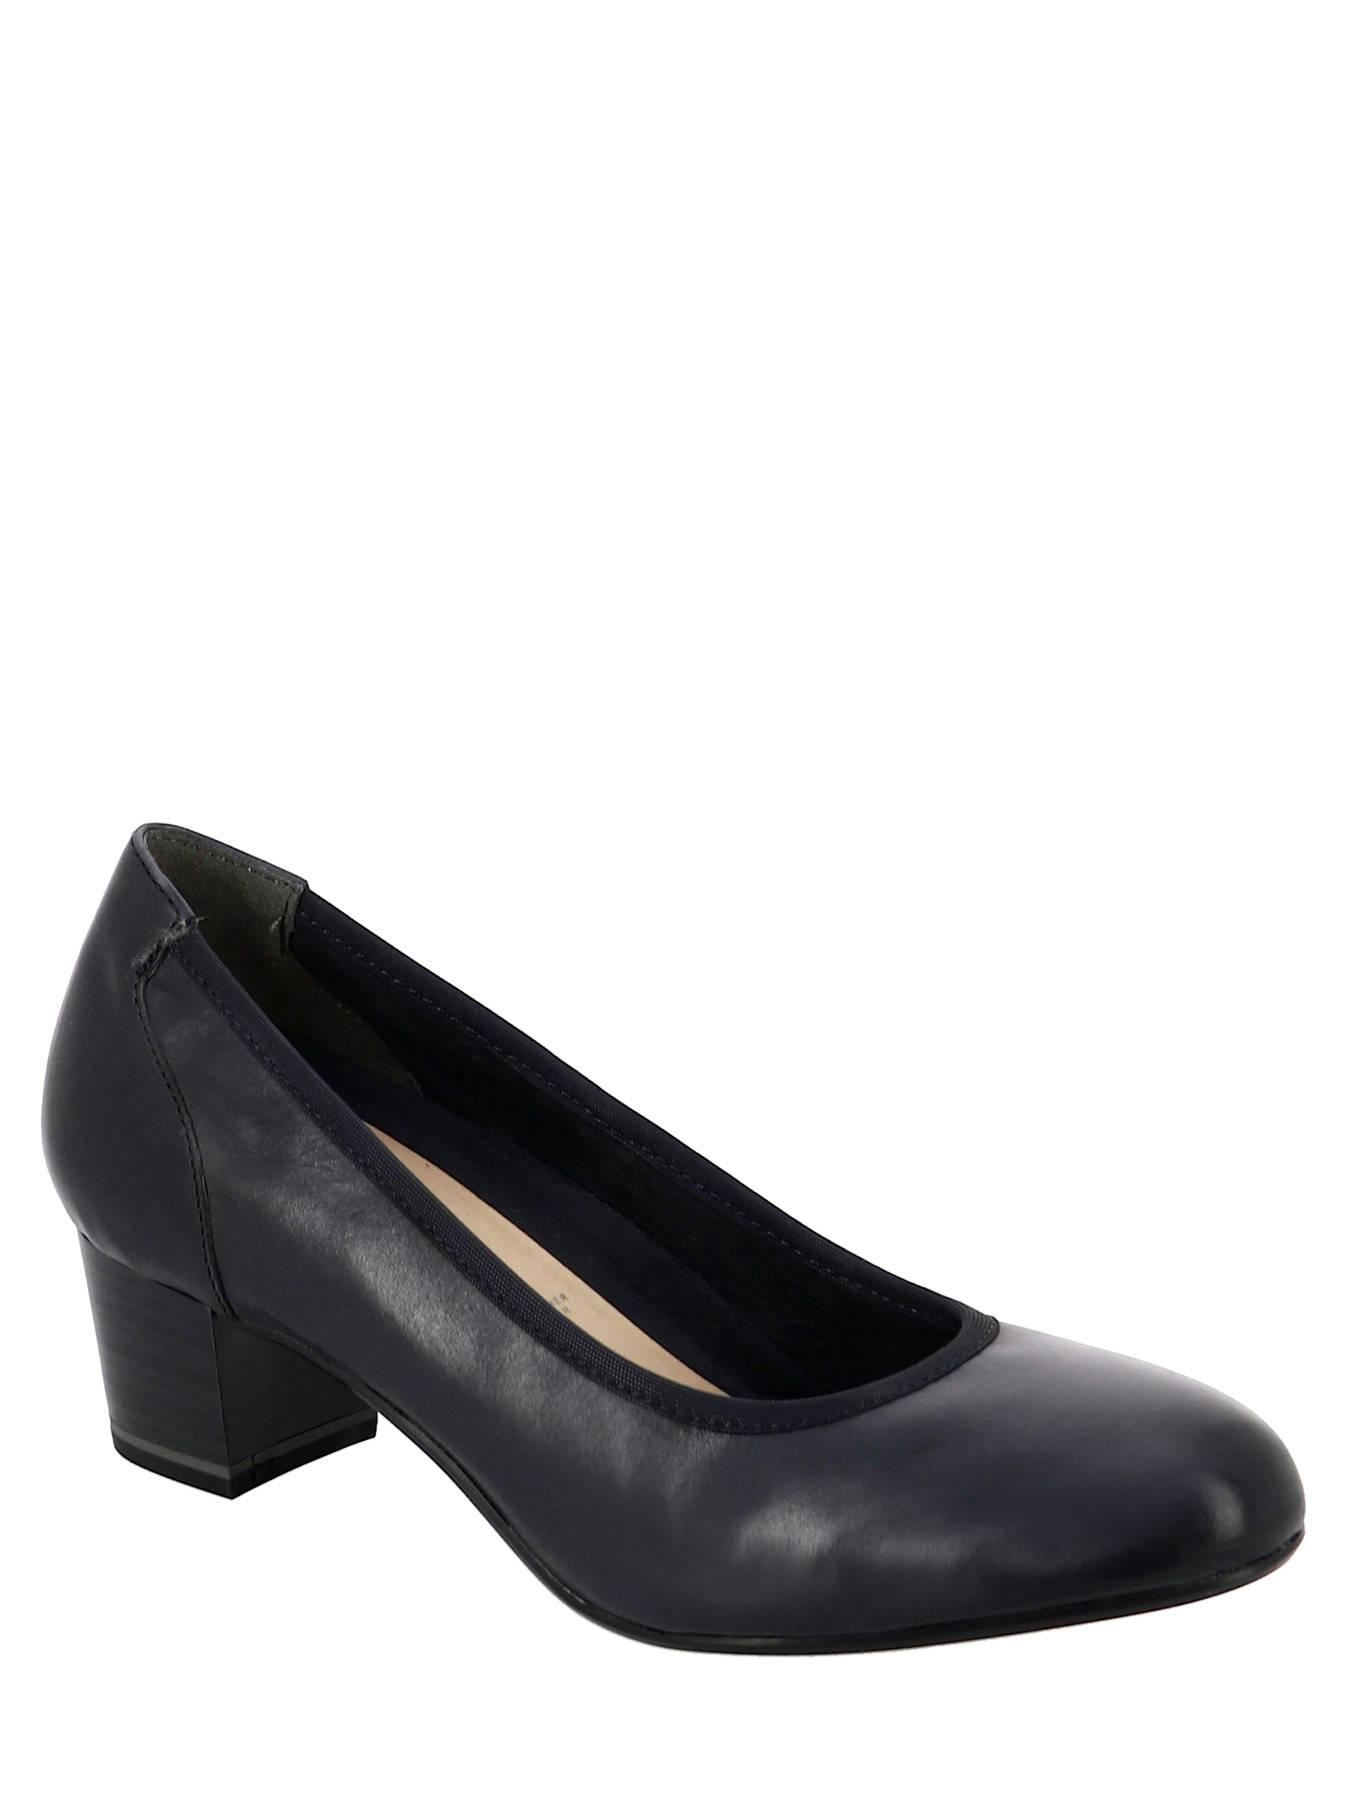 Damen Schuhe Pumps Riemchen TAMARIS GrauTaupe Gr. 3839